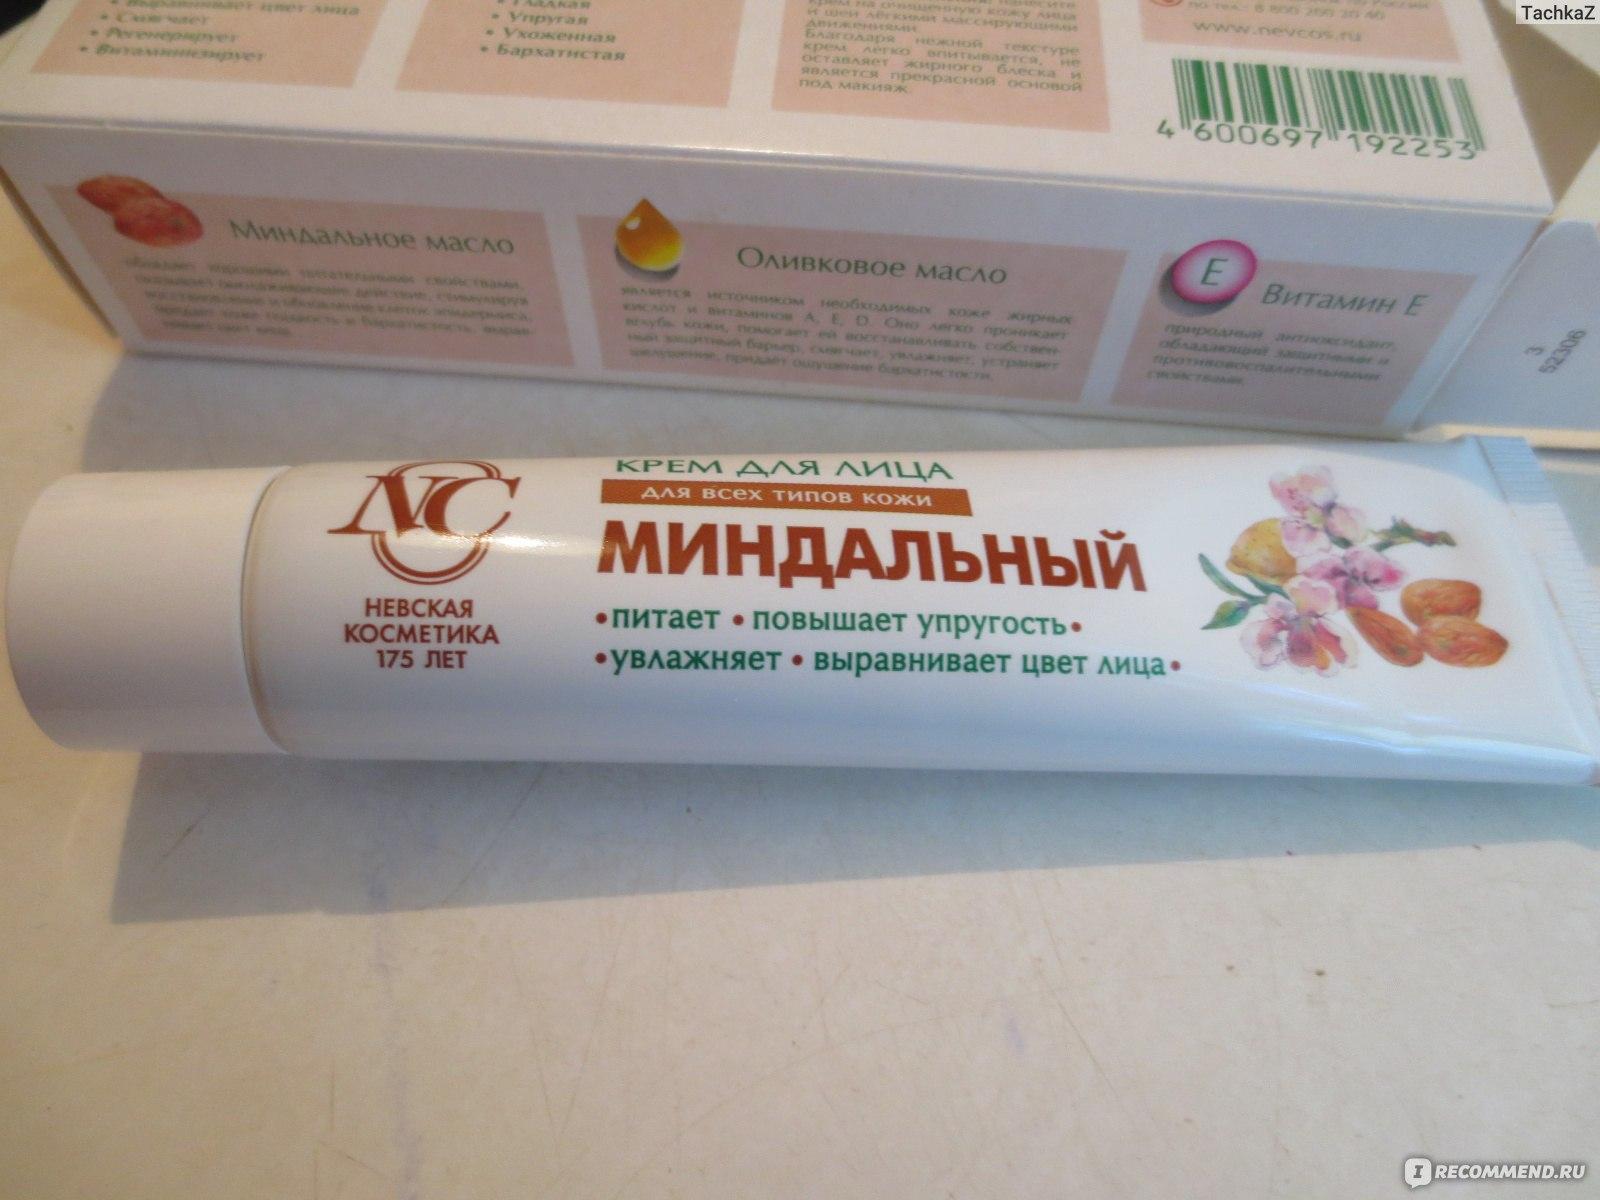 Невская косметика миндальный крем для лица